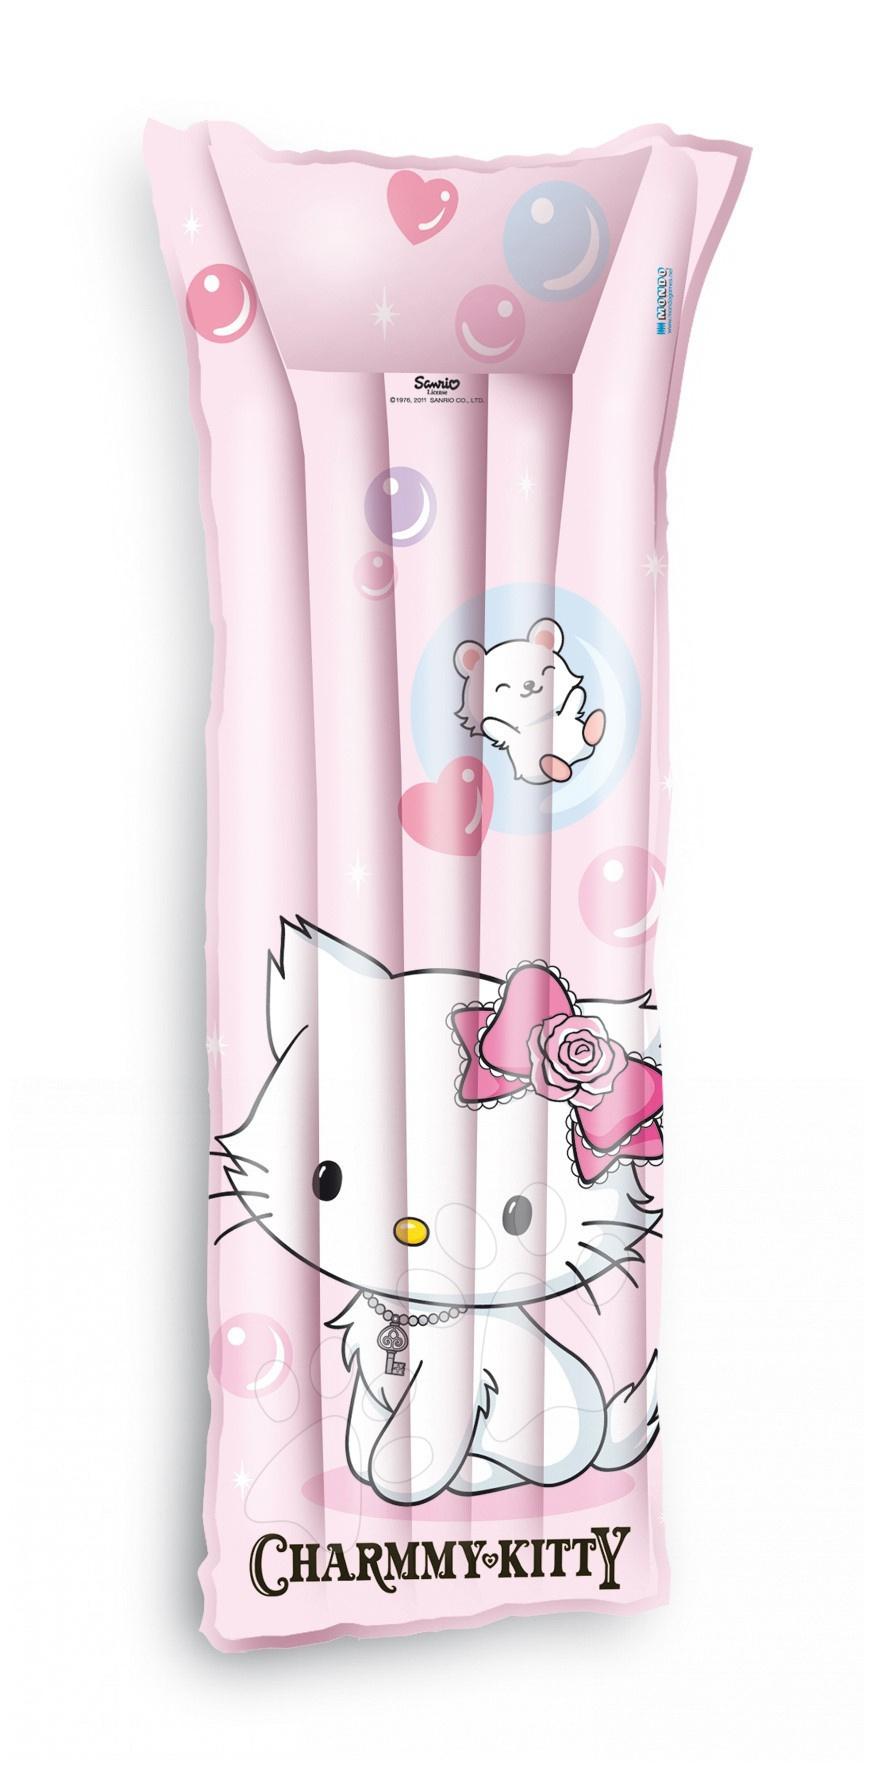 Nafukovacie lehátka - Nafukovacie ležadlo Charmmy Kitty Mondo 183 cm